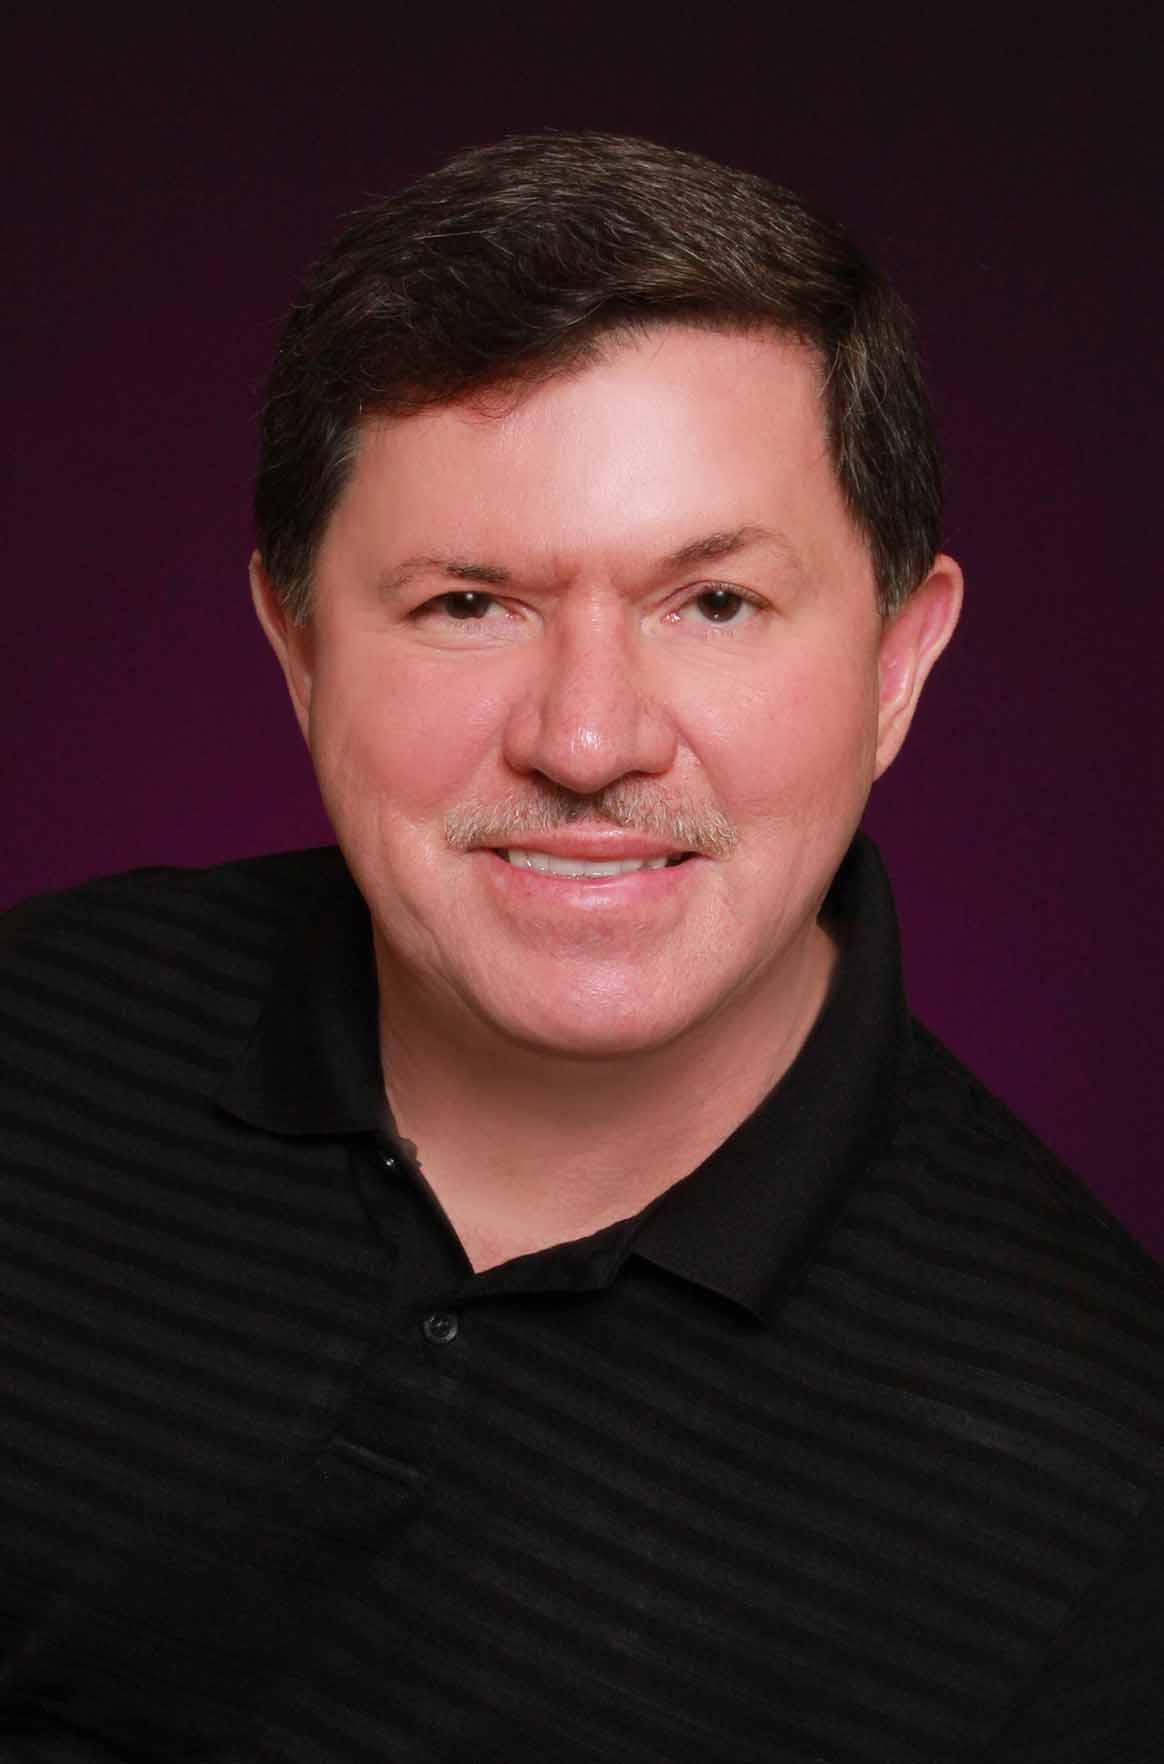 Paul Blackburn